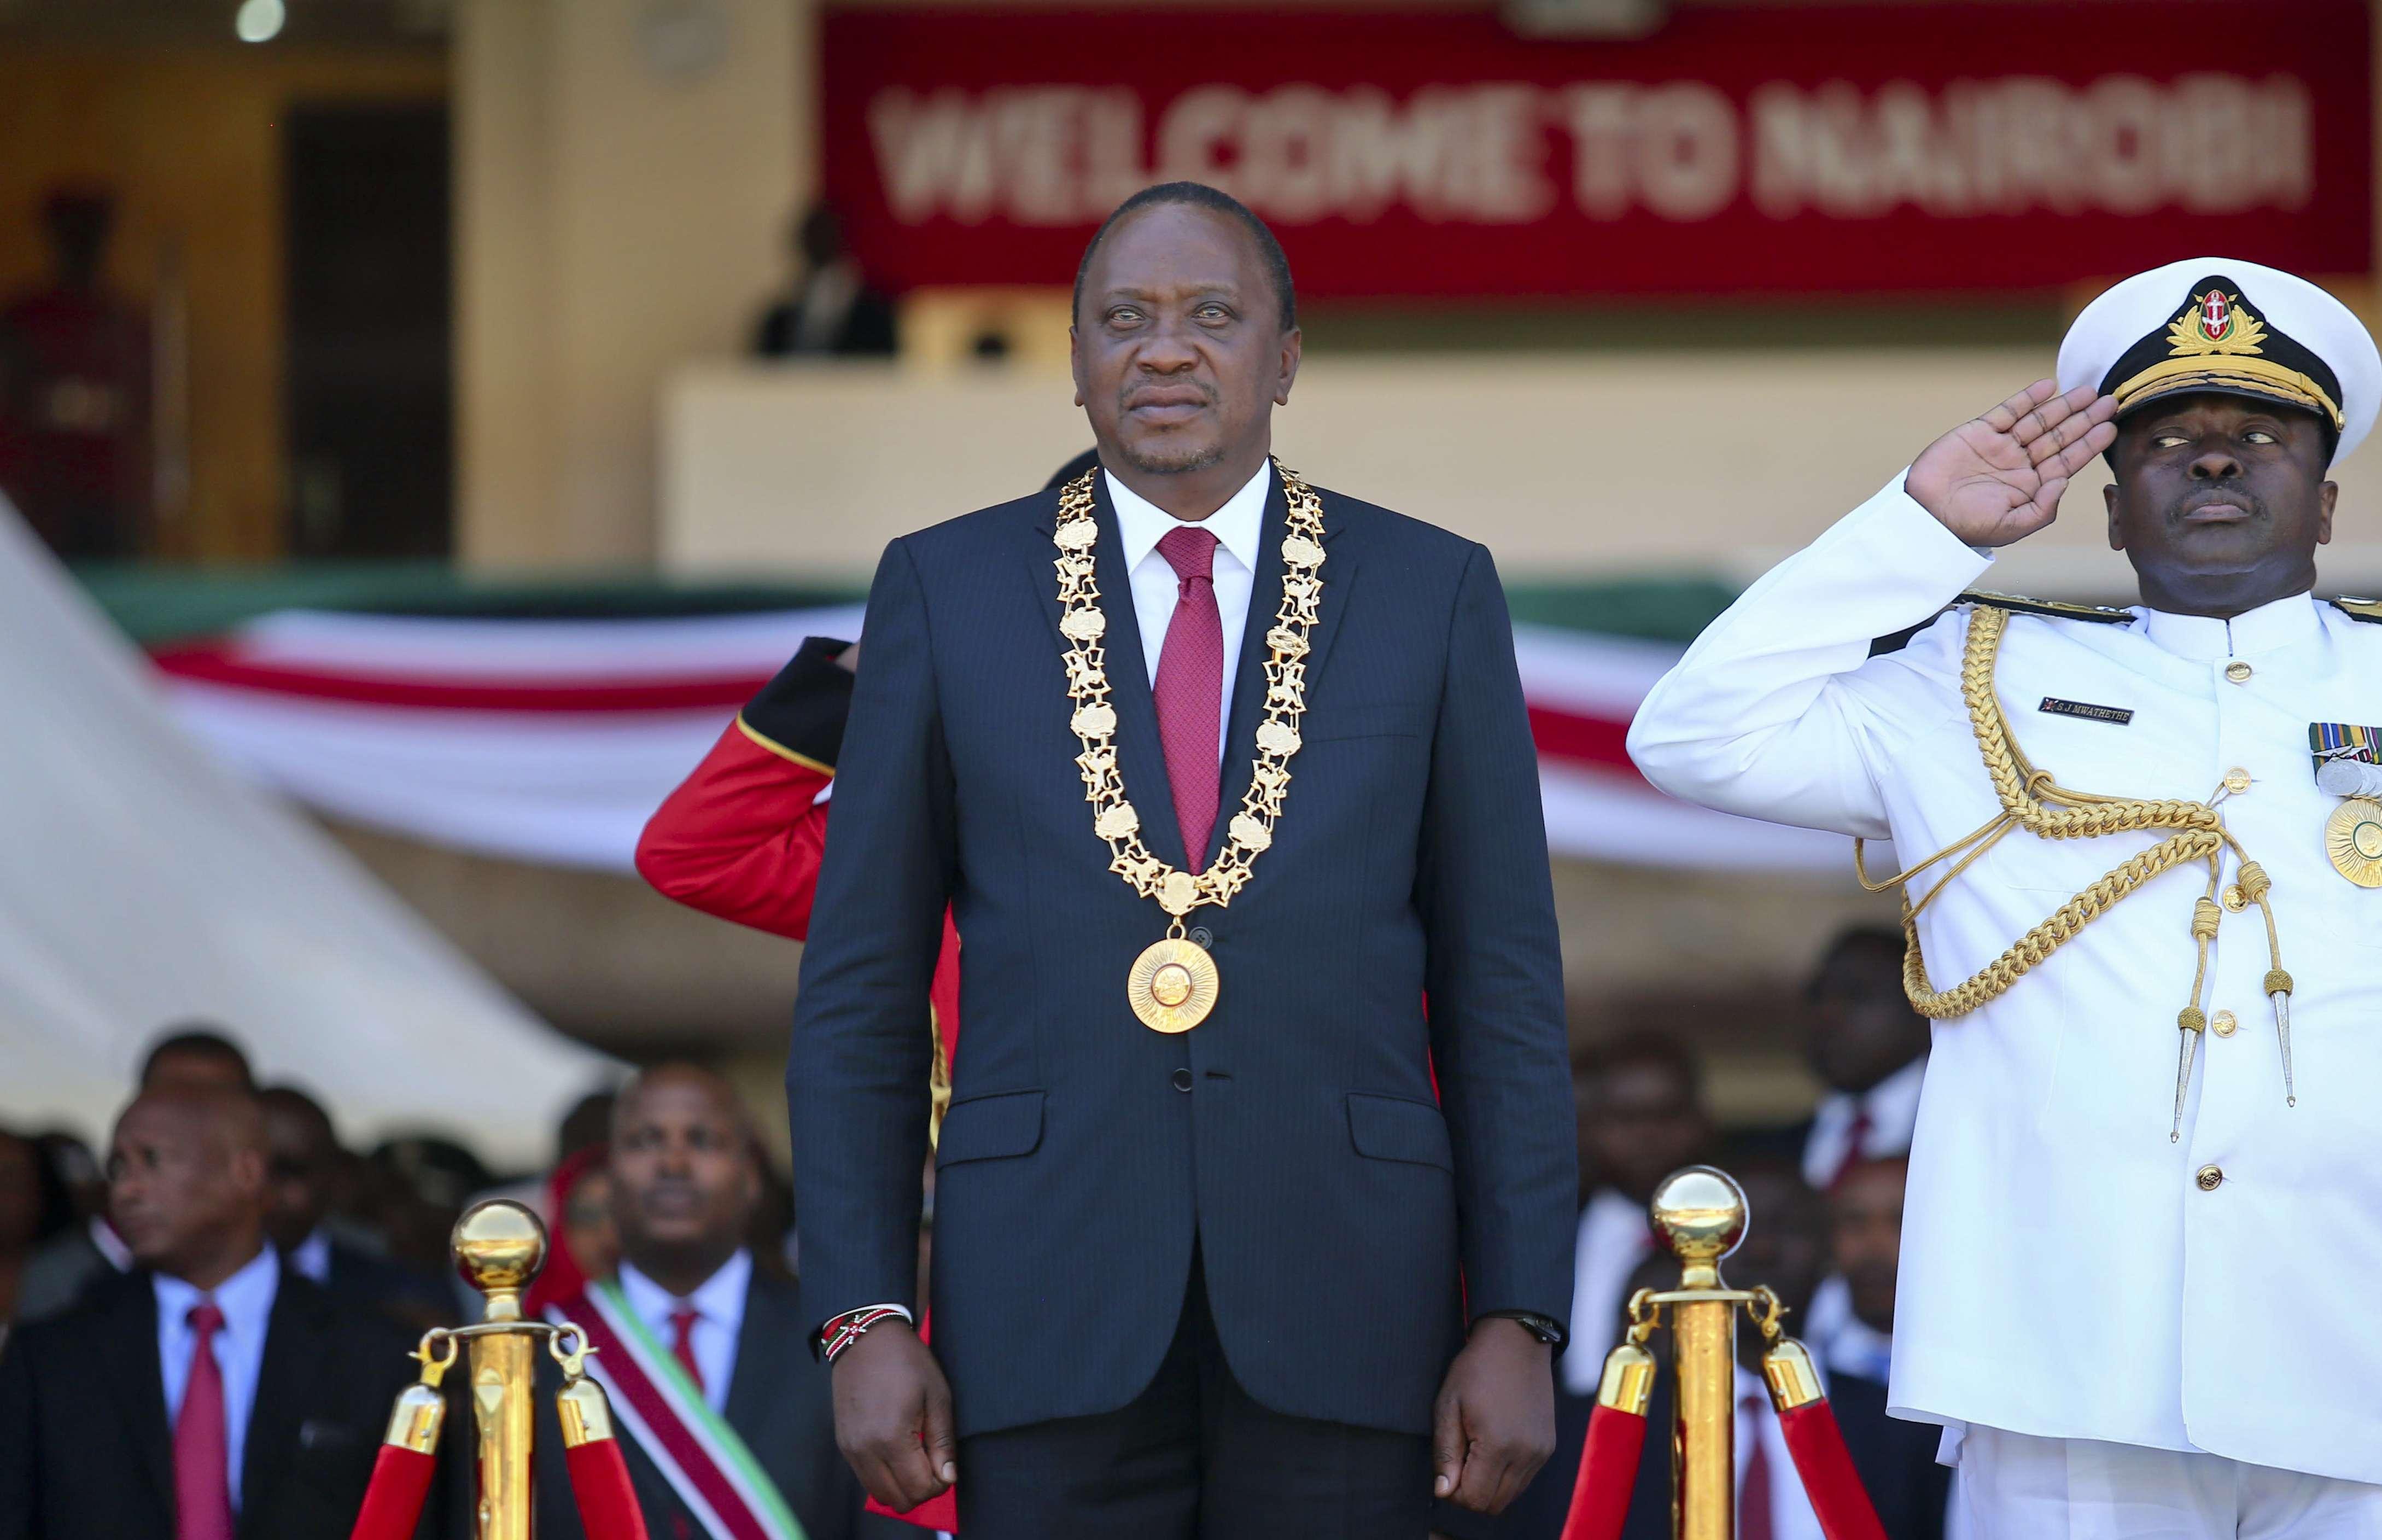 Le président kényan, Uhuru Kenyatta, au centre, assiste à une cérémonie marquant la journée nationale de la Républiquede (Jamhuri), au stade Kasarani, dans la banlieue de Nairobi, au Kenya, le 12 décembre 2017.